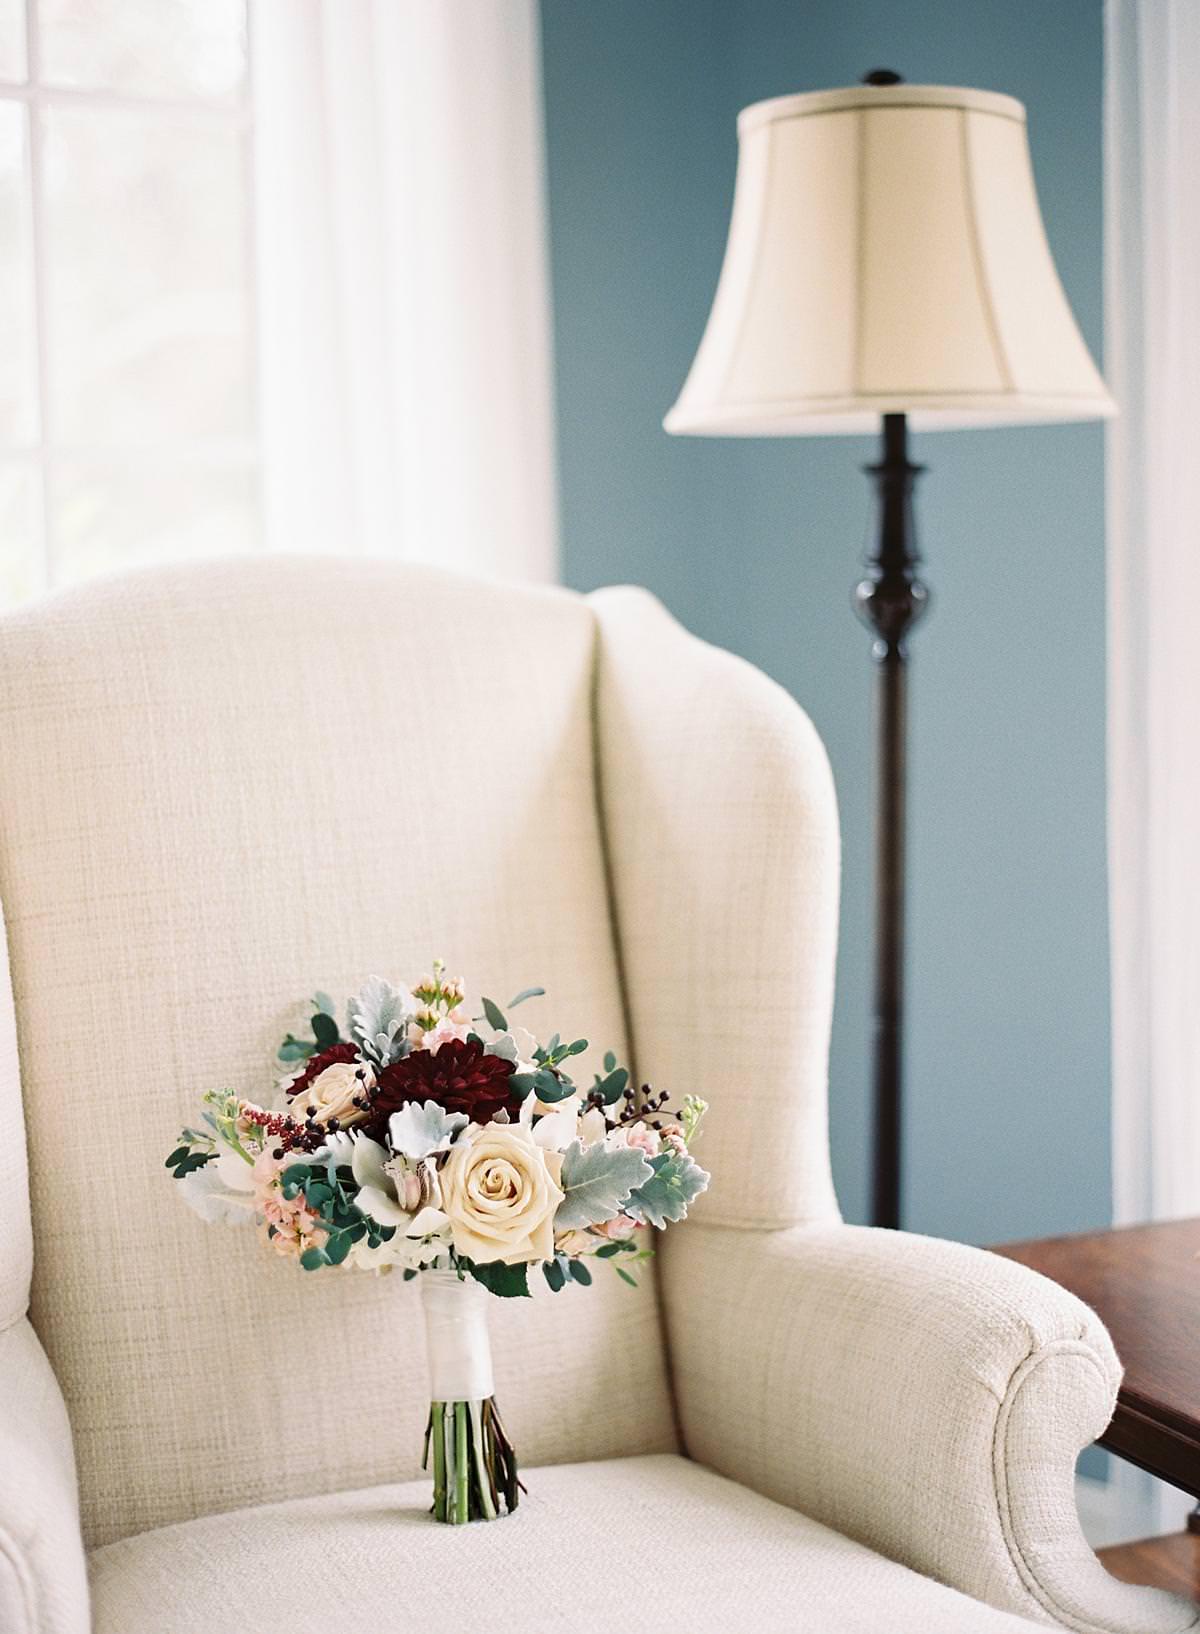 bride's bouquet hilton head